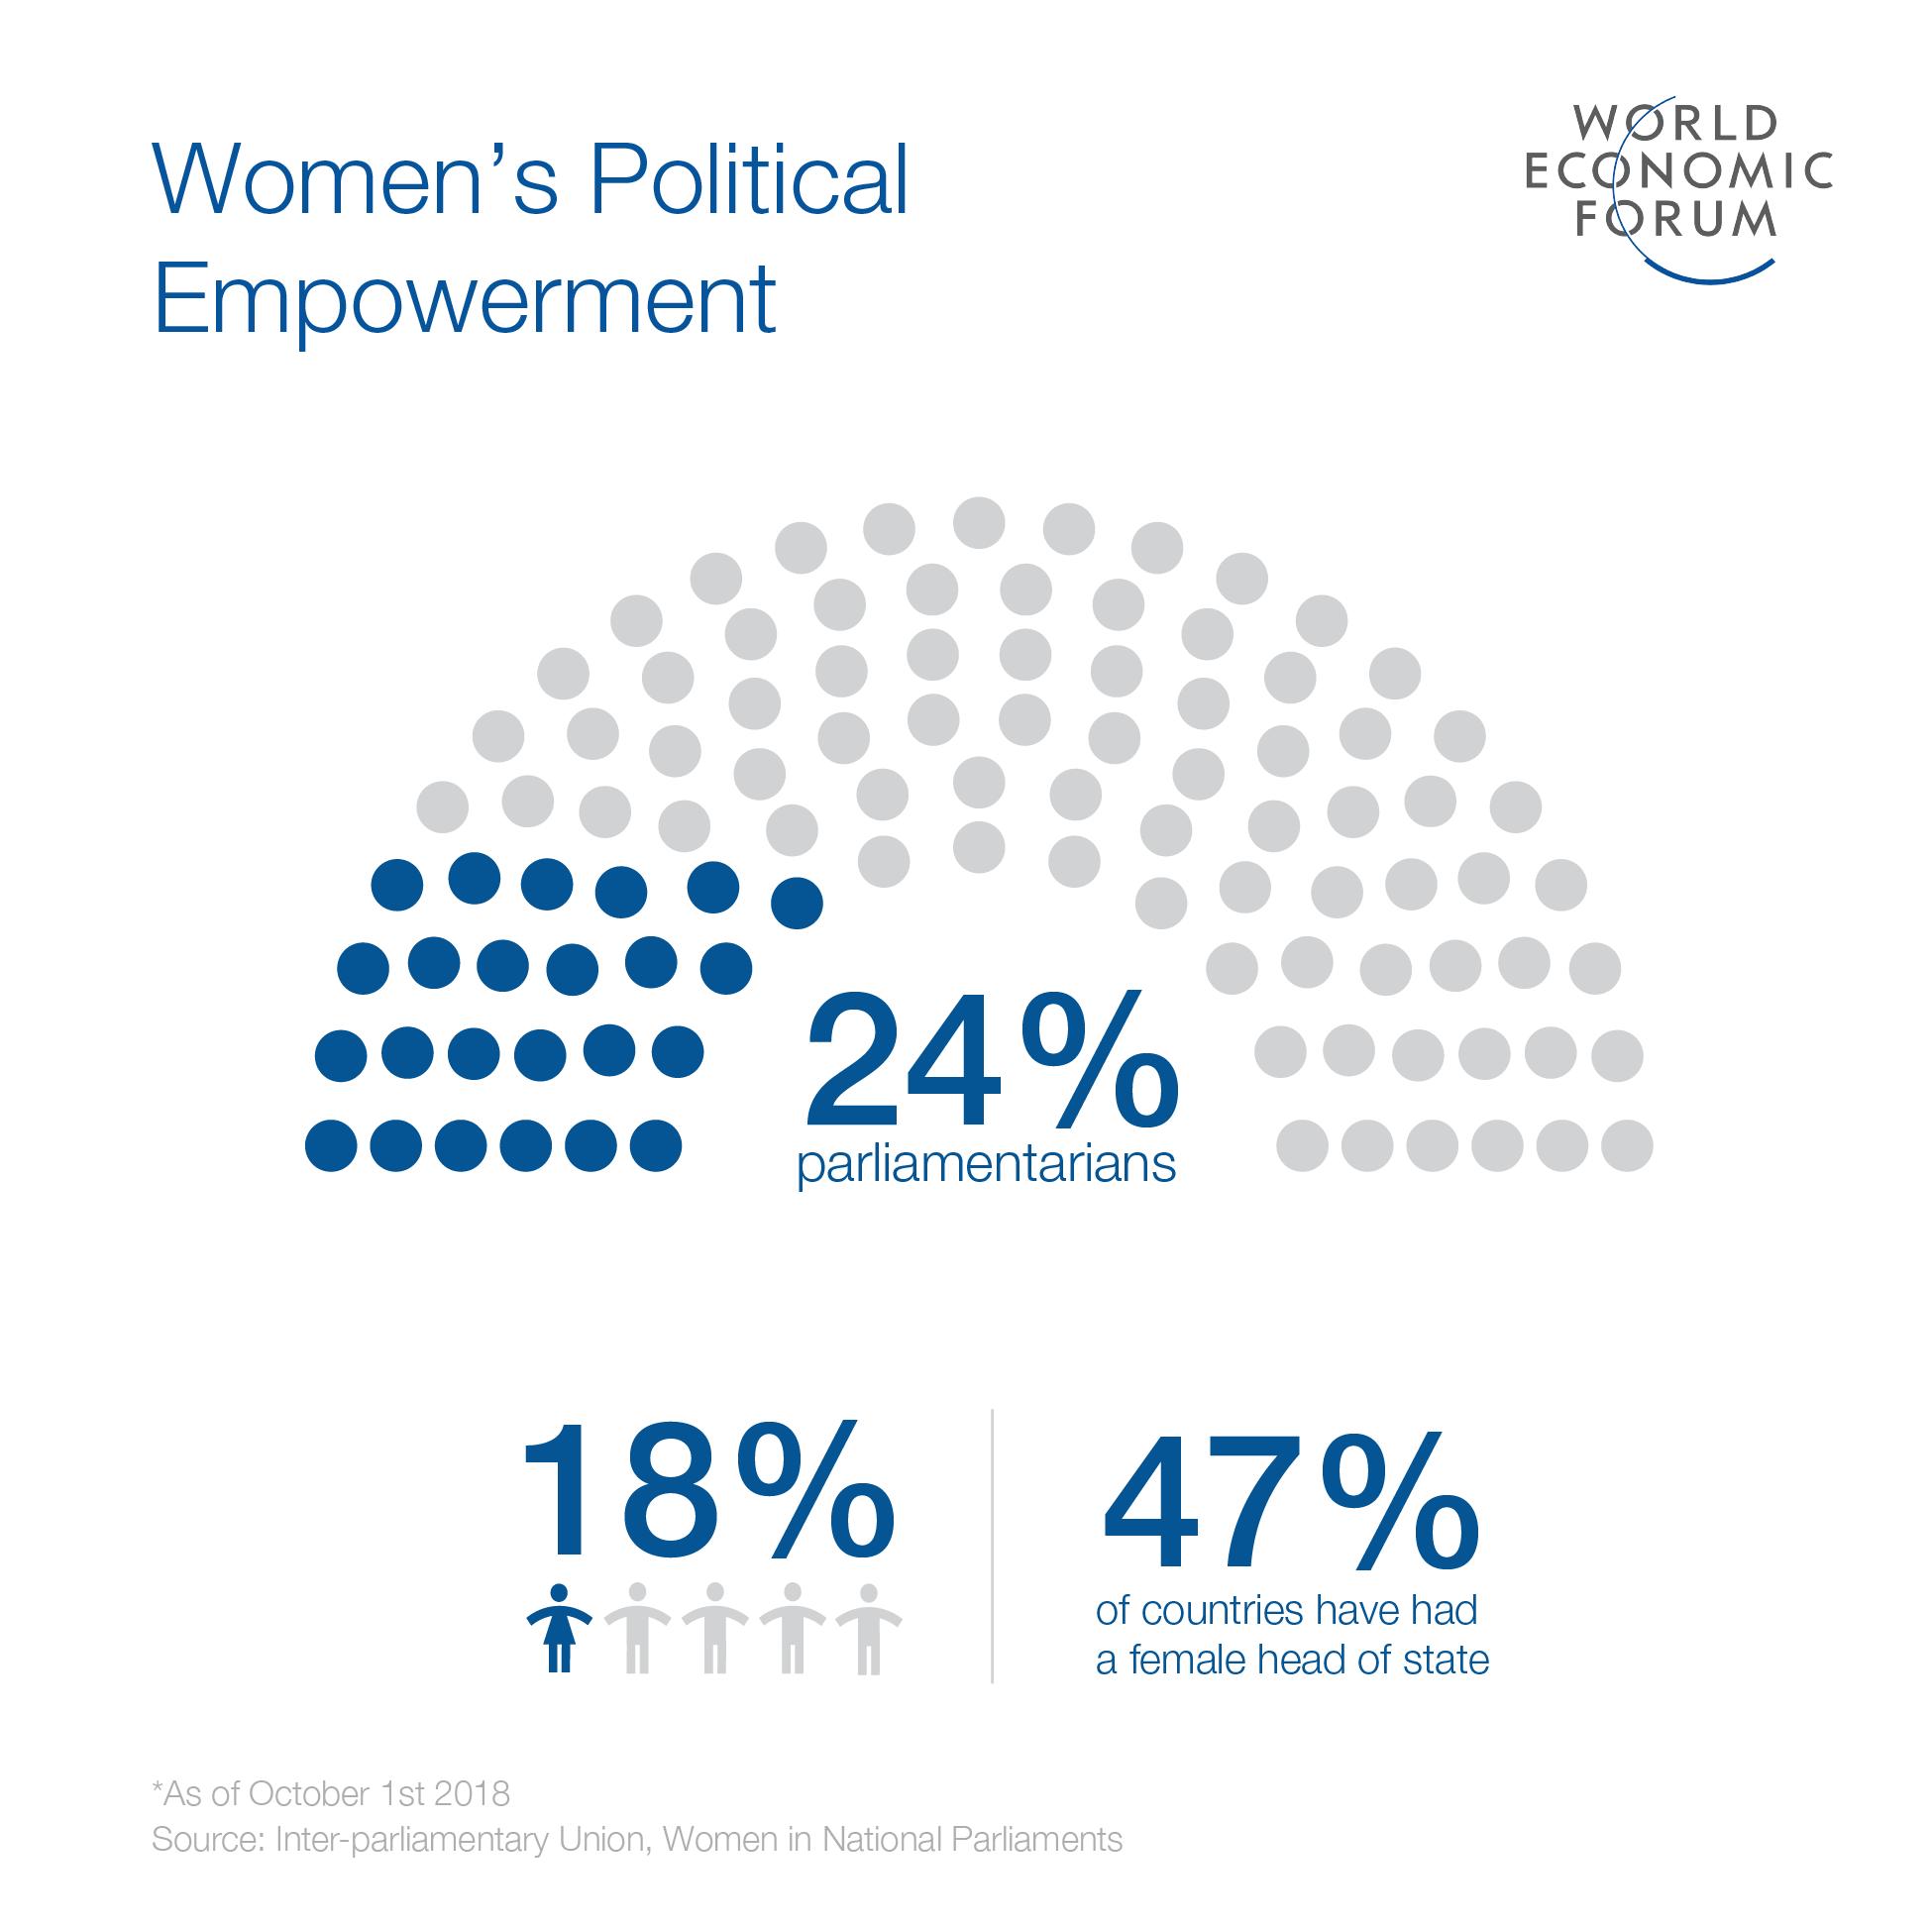 GenderGap_2018_2018_political-1.png